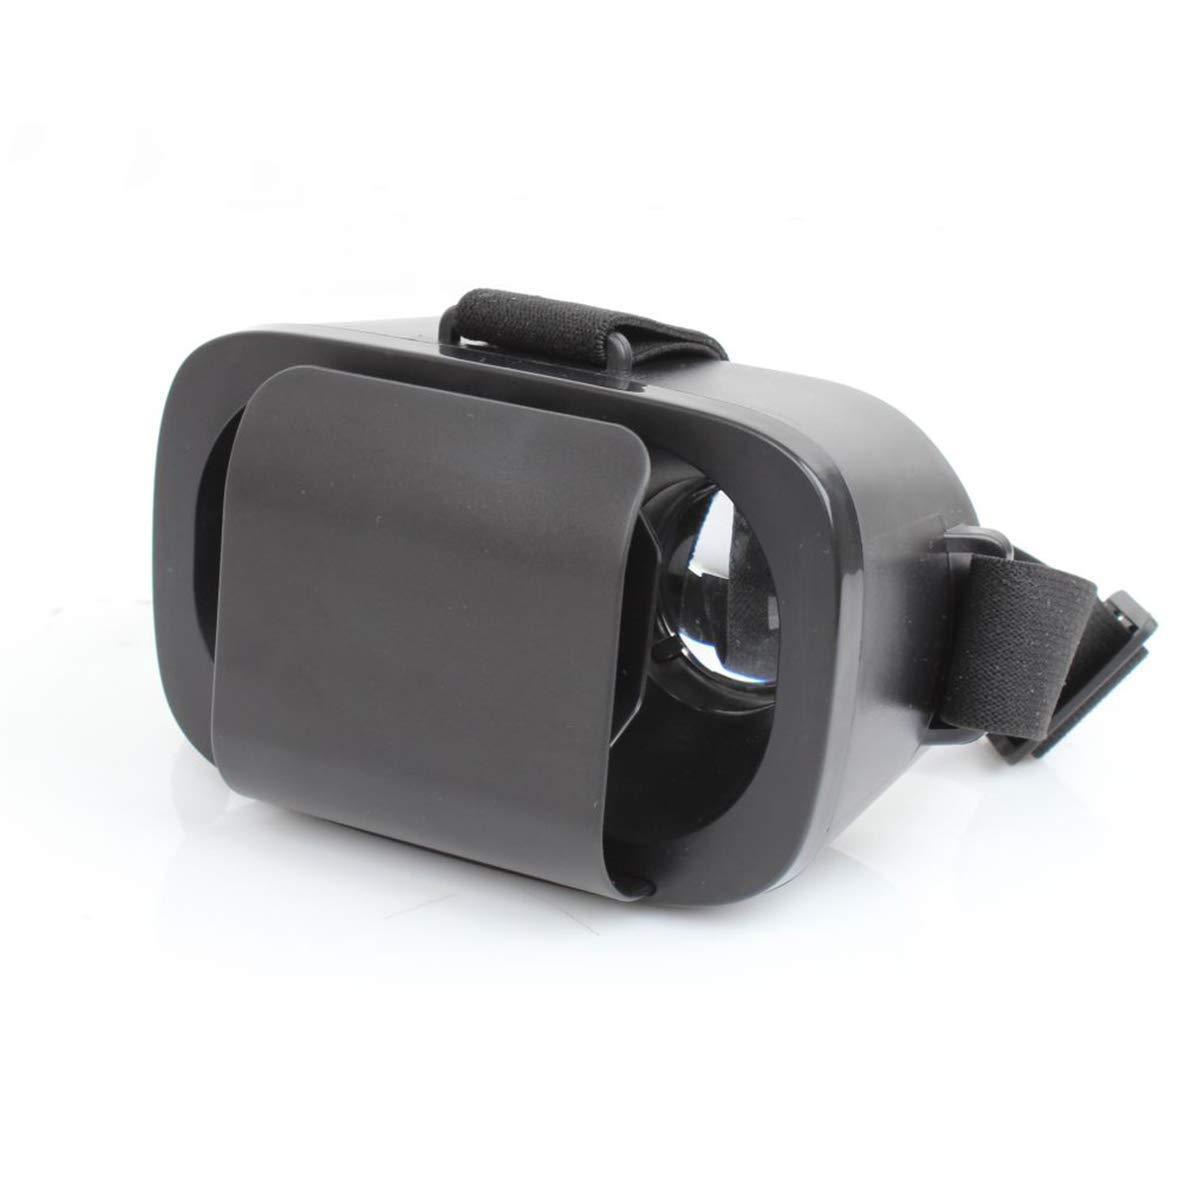 Mini VR Box Virtual Reality Glasses - Unnati Enterprises